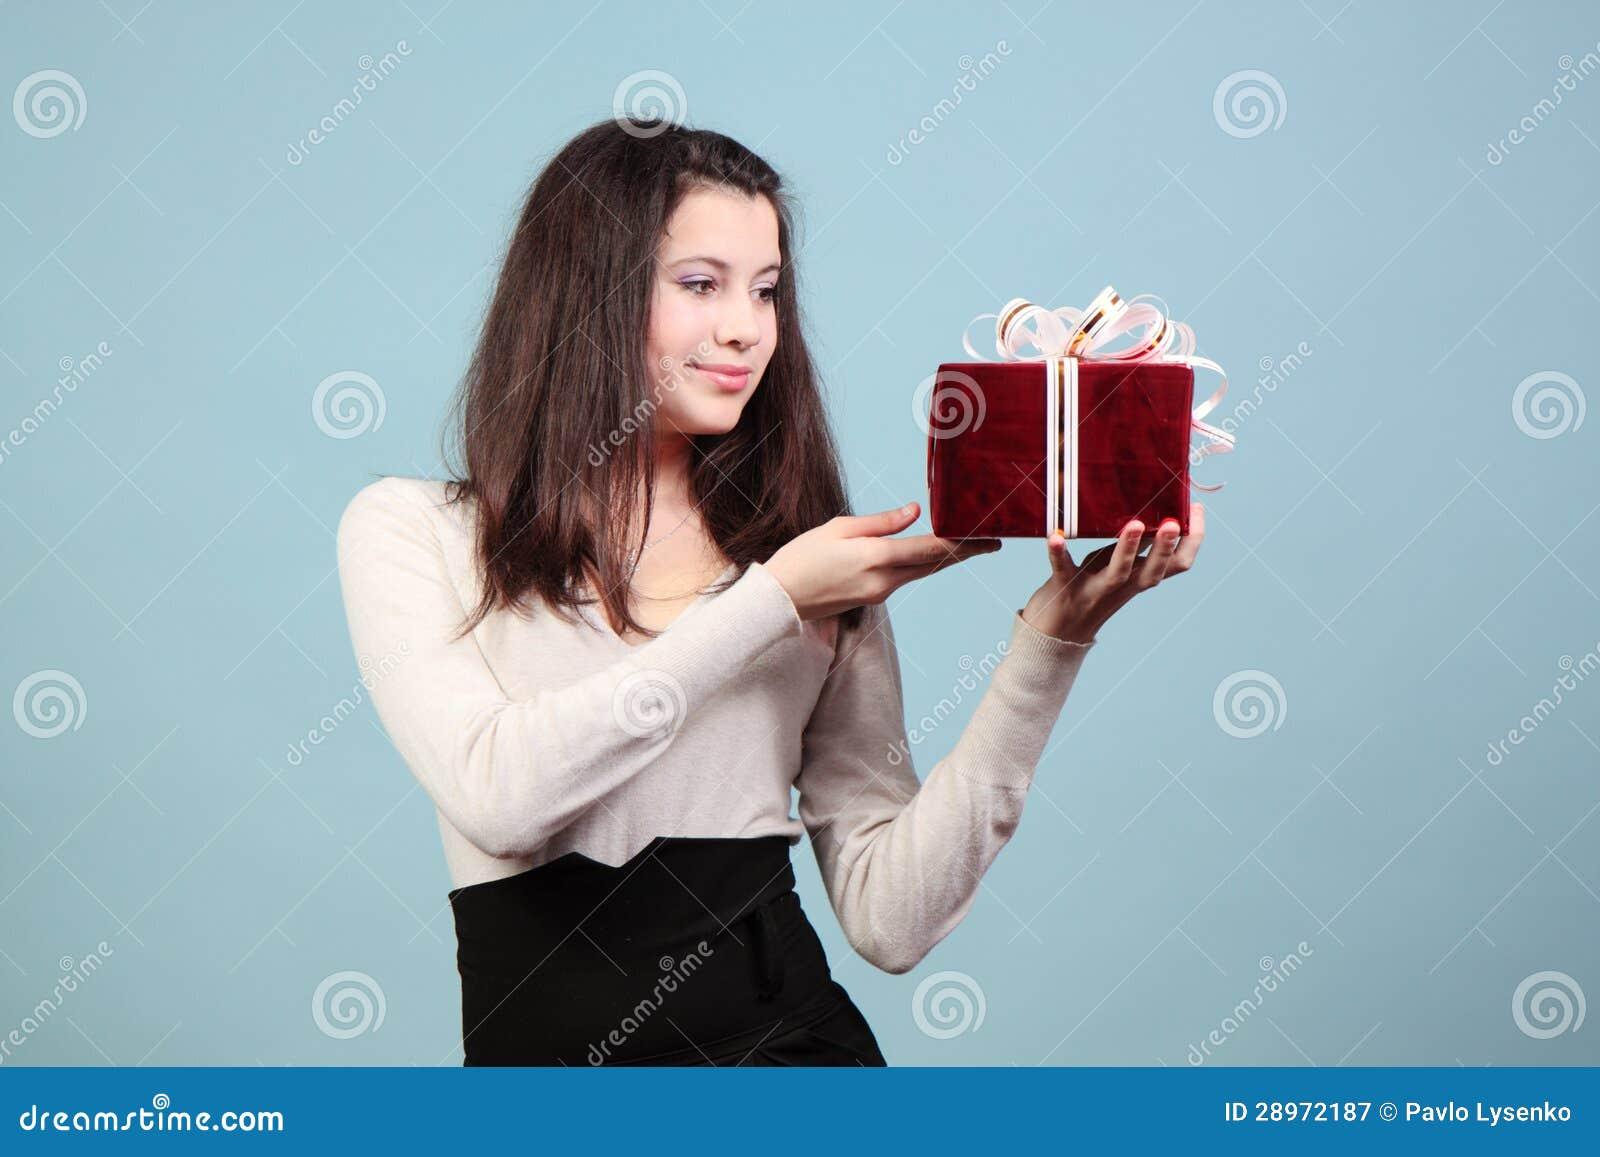 Piękna dziewczyna z prezentem.